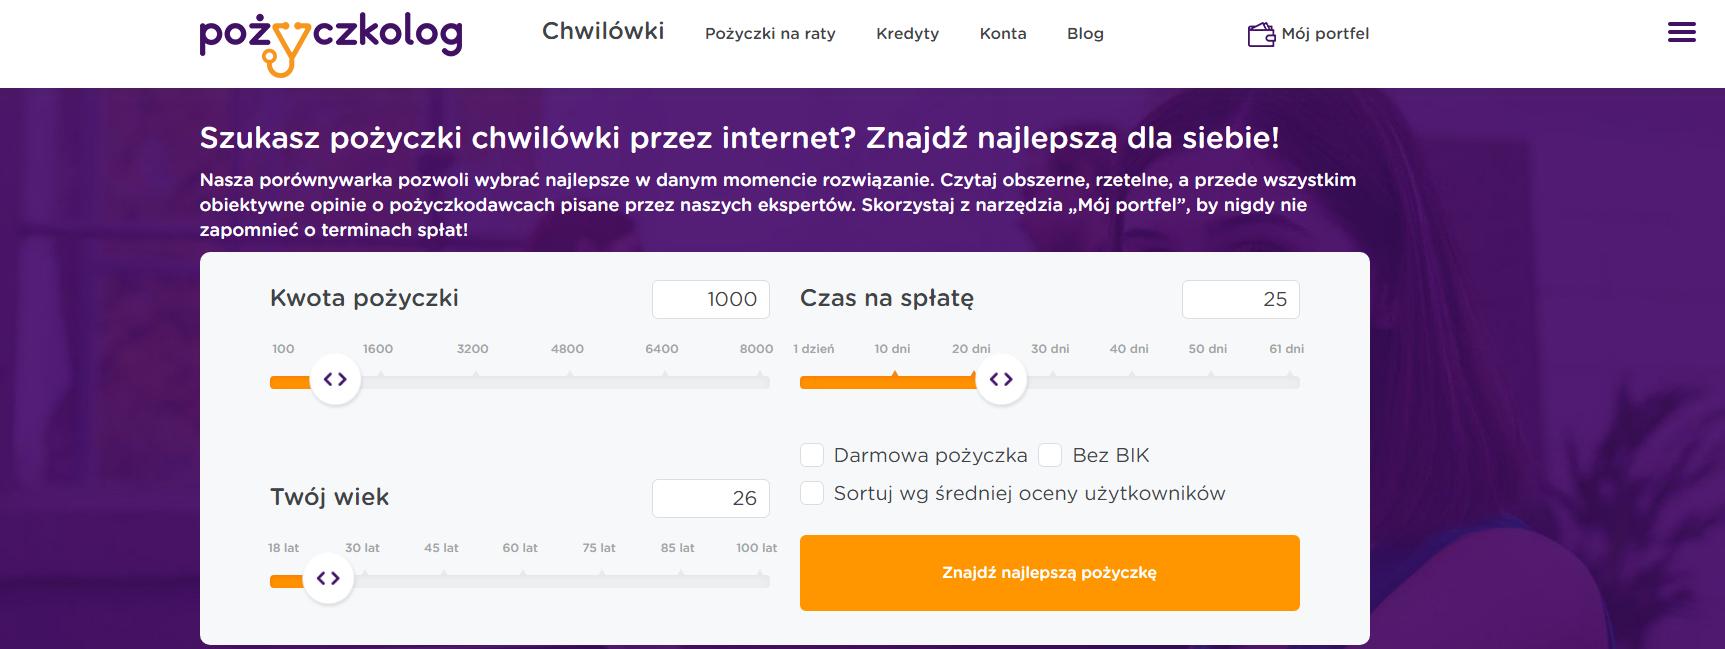 FireShot Capture 8 - Chwilówki online – Sprawdzone pożyczki przez interne_ - https___pozyczkolog.pl_